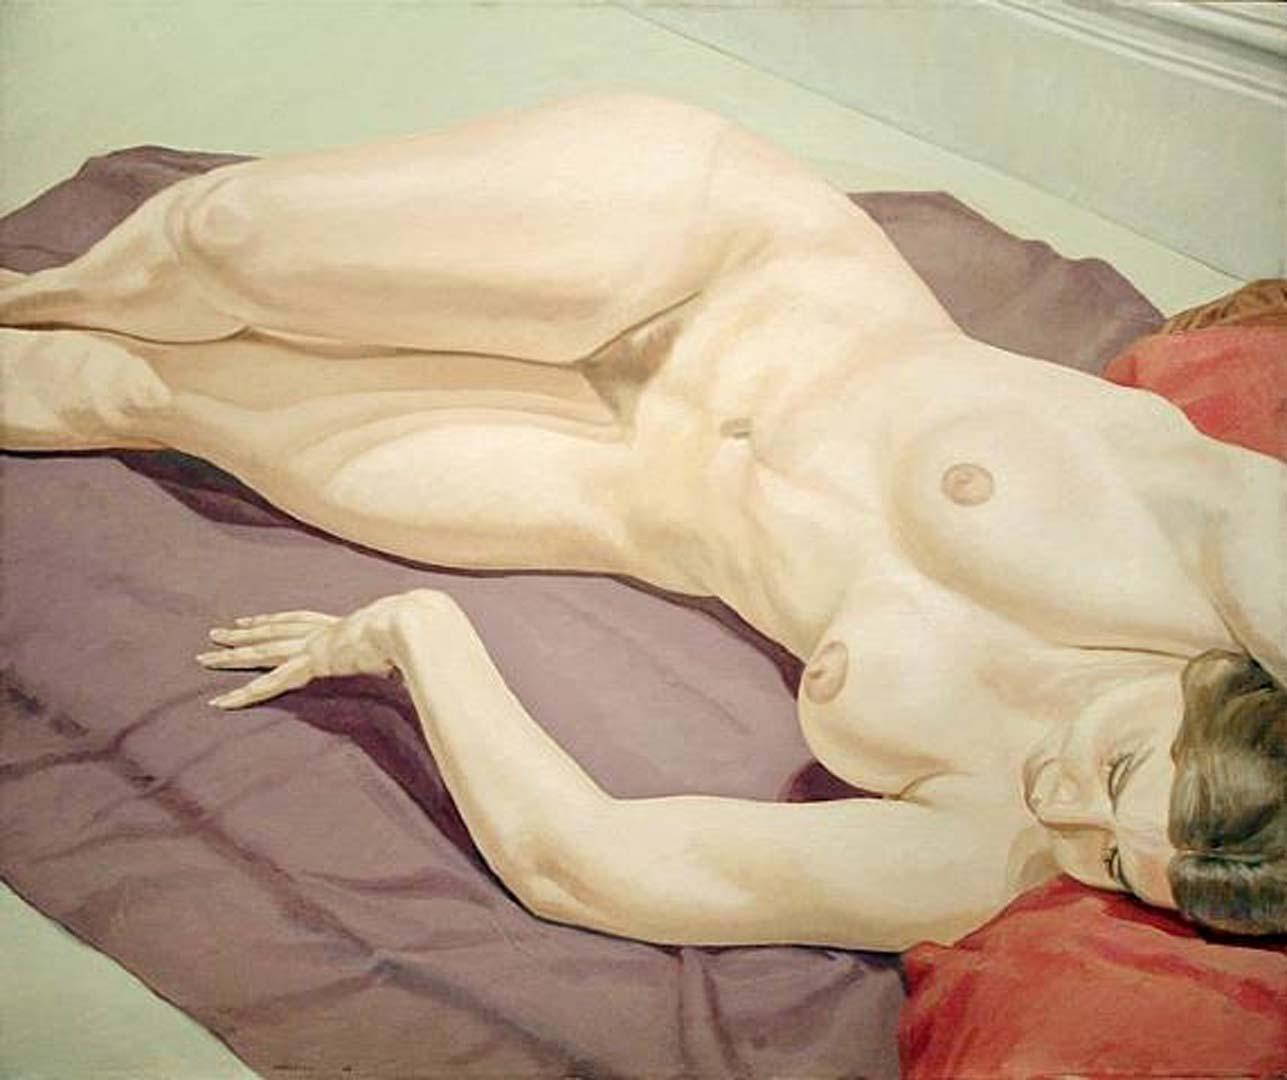 1968 Female Nude Lying on Purple Drape Oil on Canvas 40 x 48